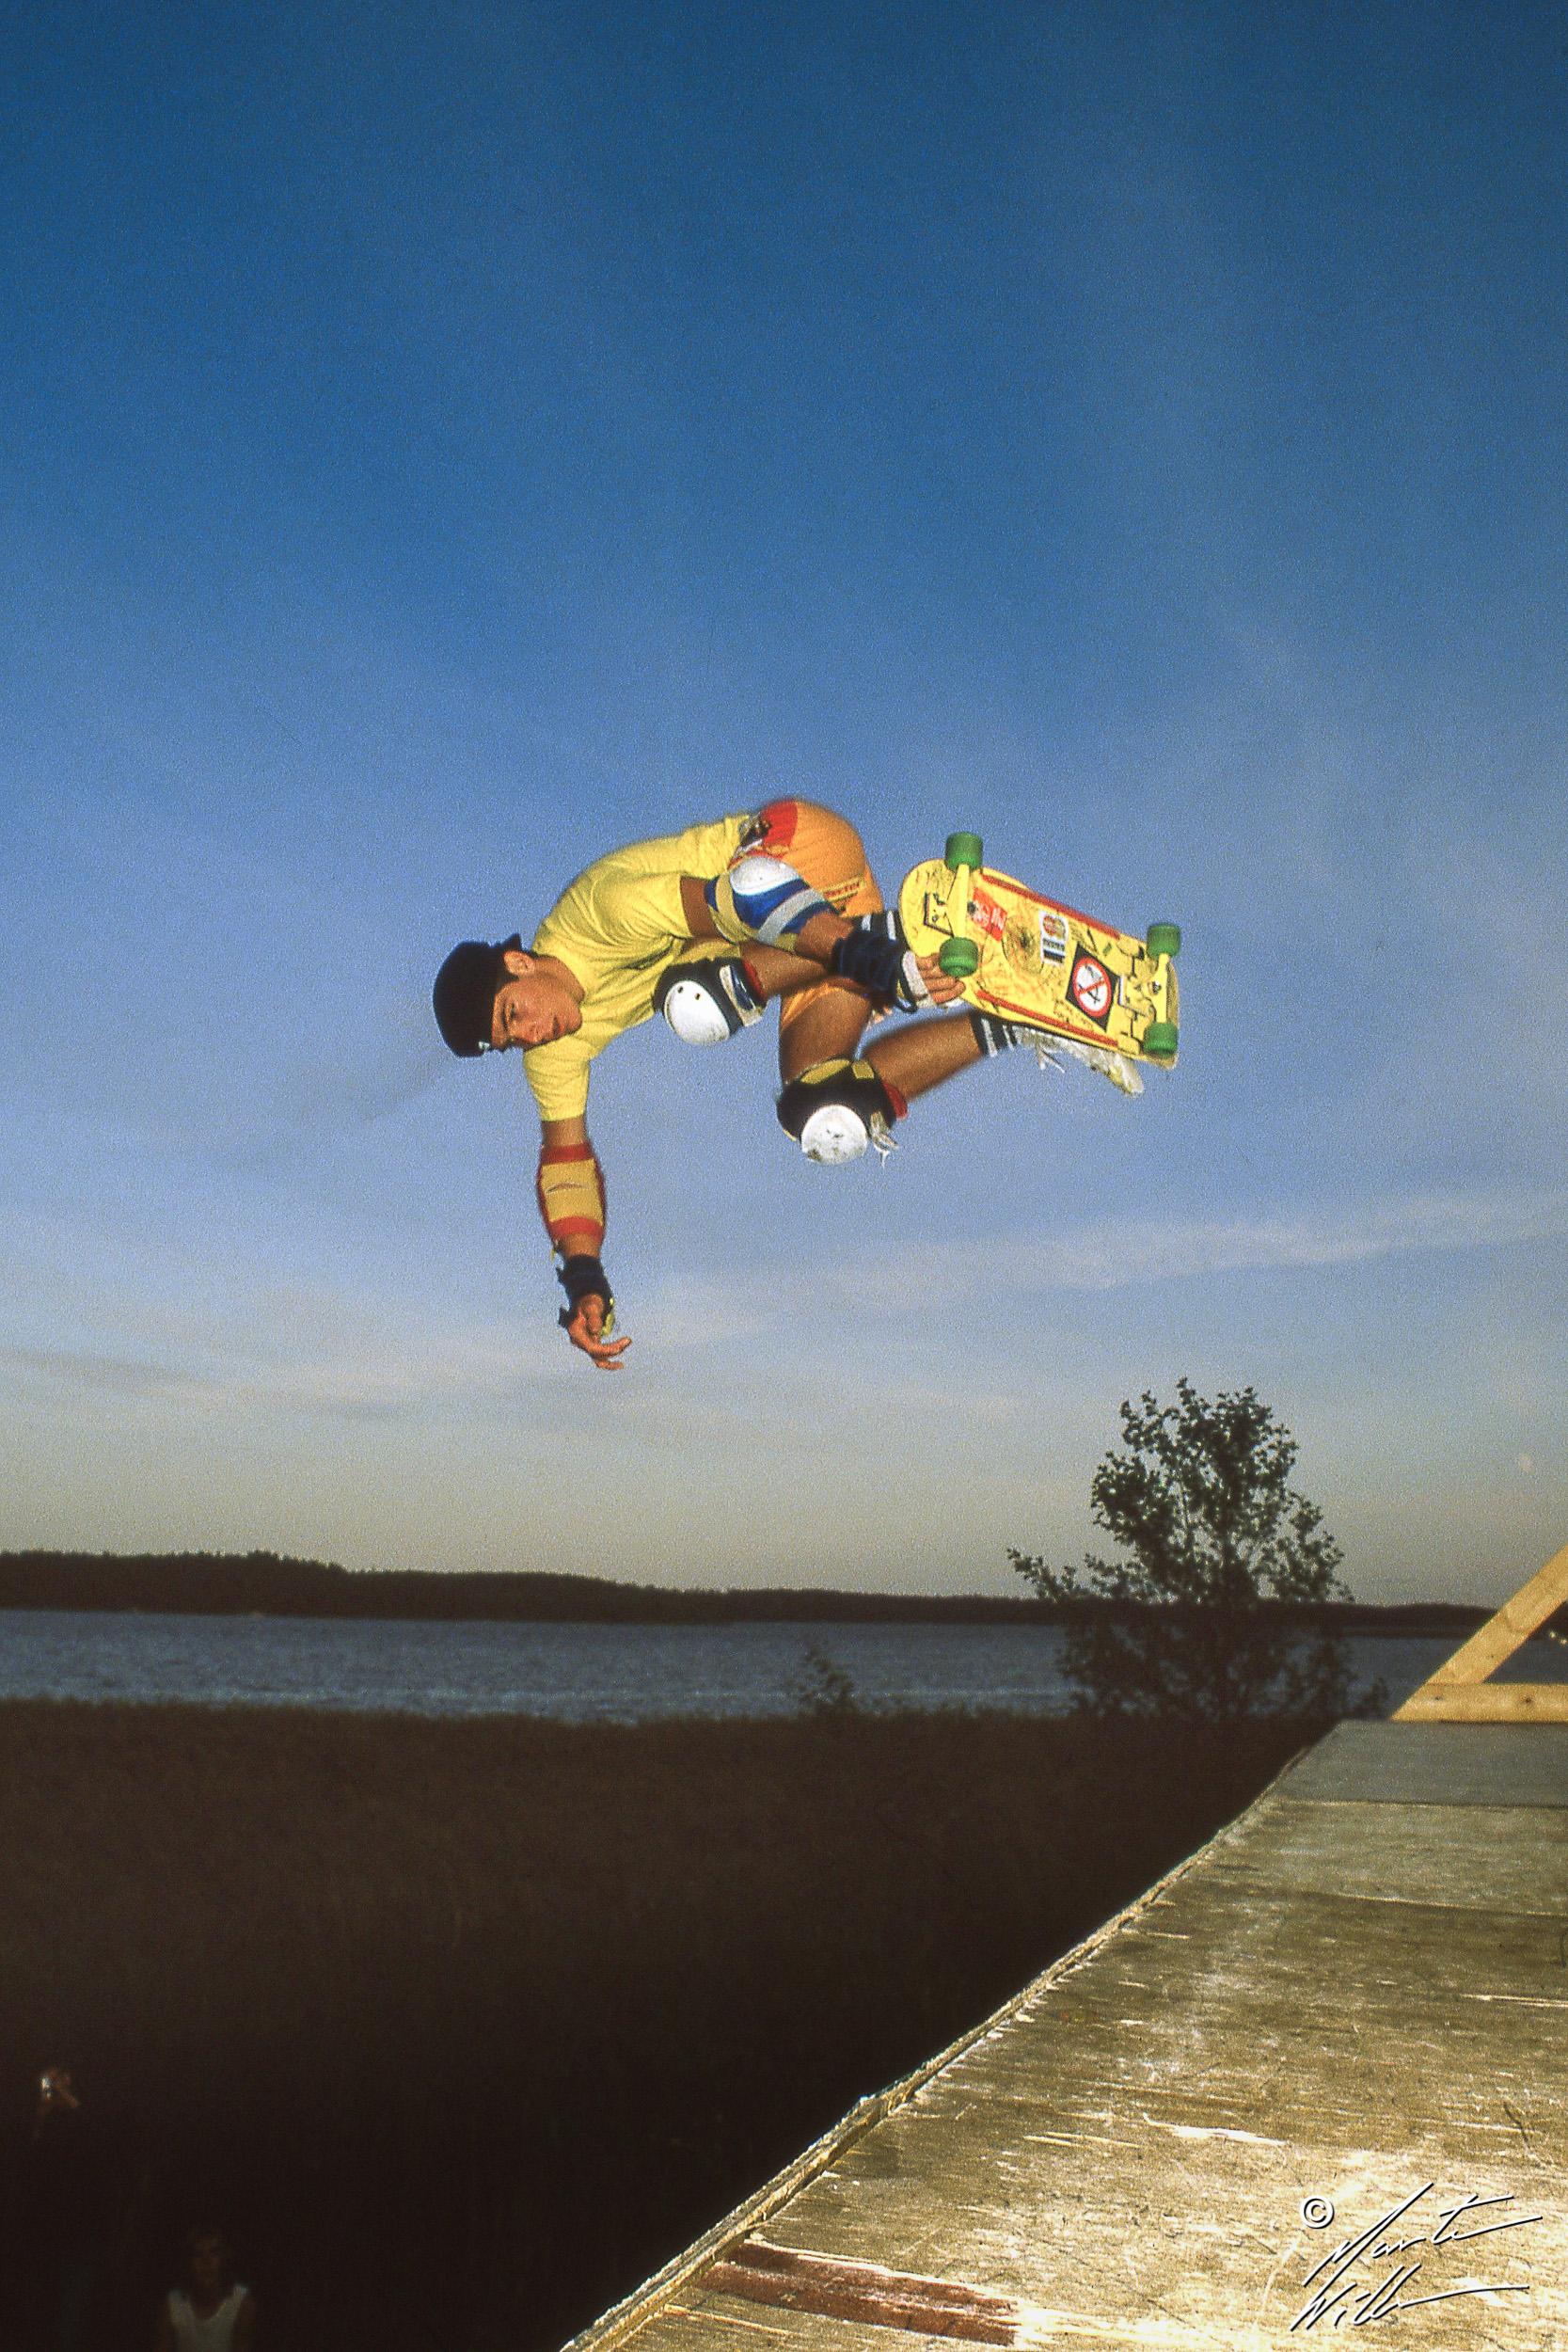 Neil Blender, Mute air, Summer Camp, Täby  1983